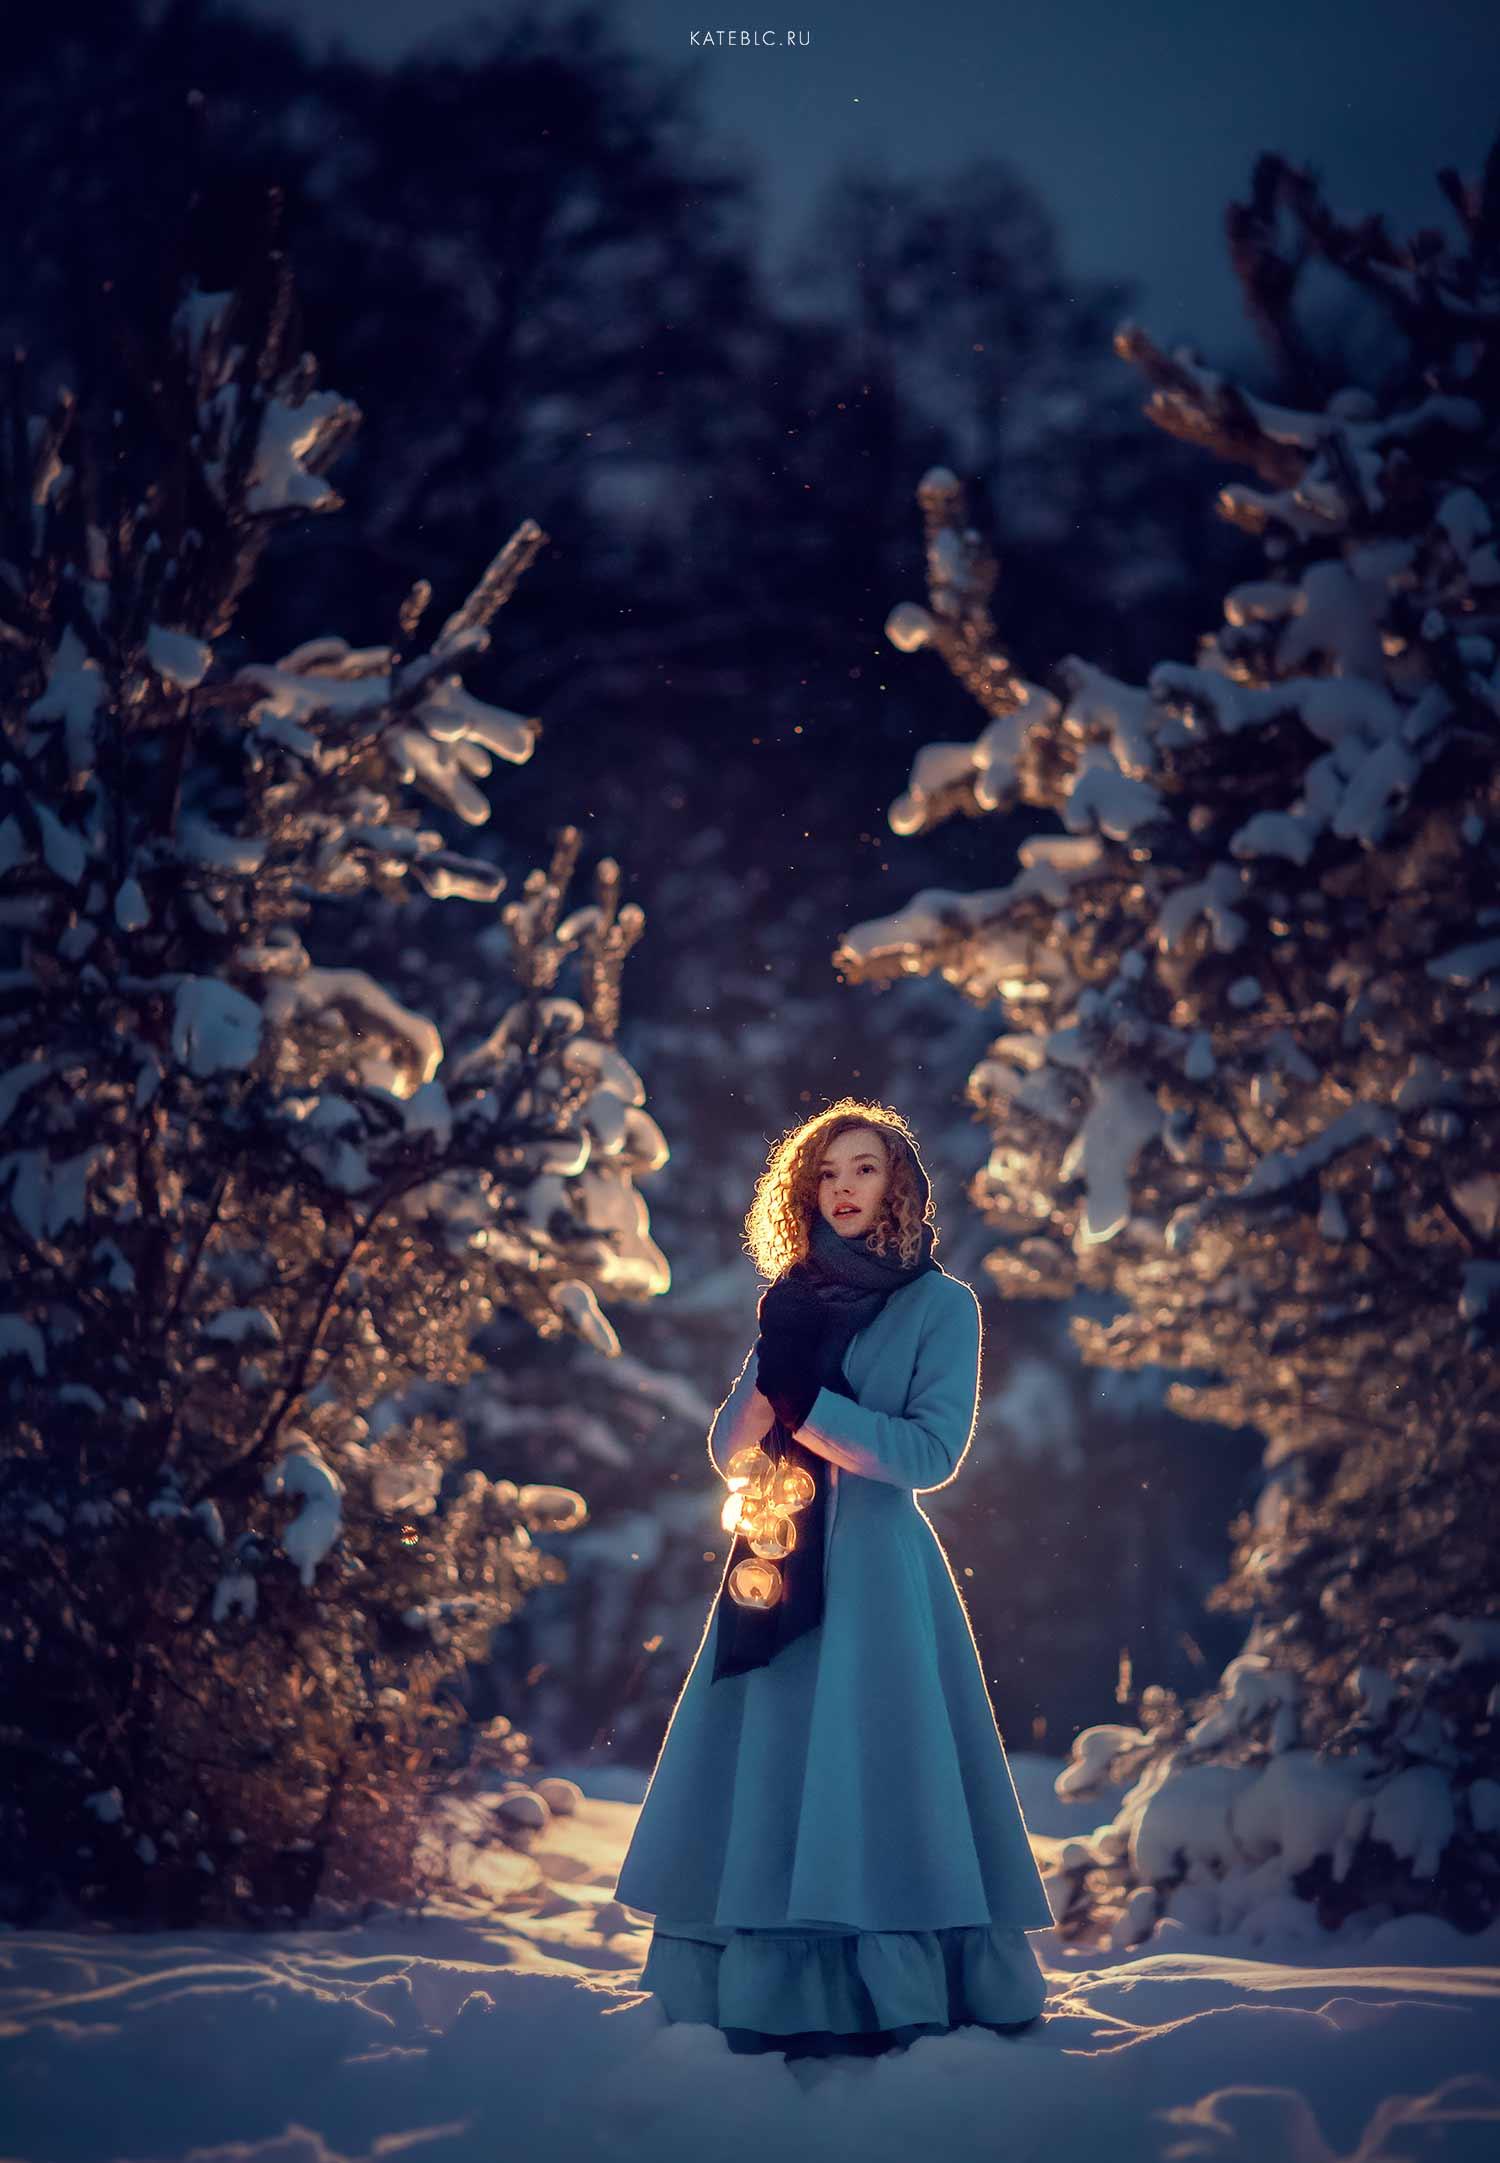 вечерняя фотография, фотосессия на природе, девушка, зима, Катрин Белоцерковская